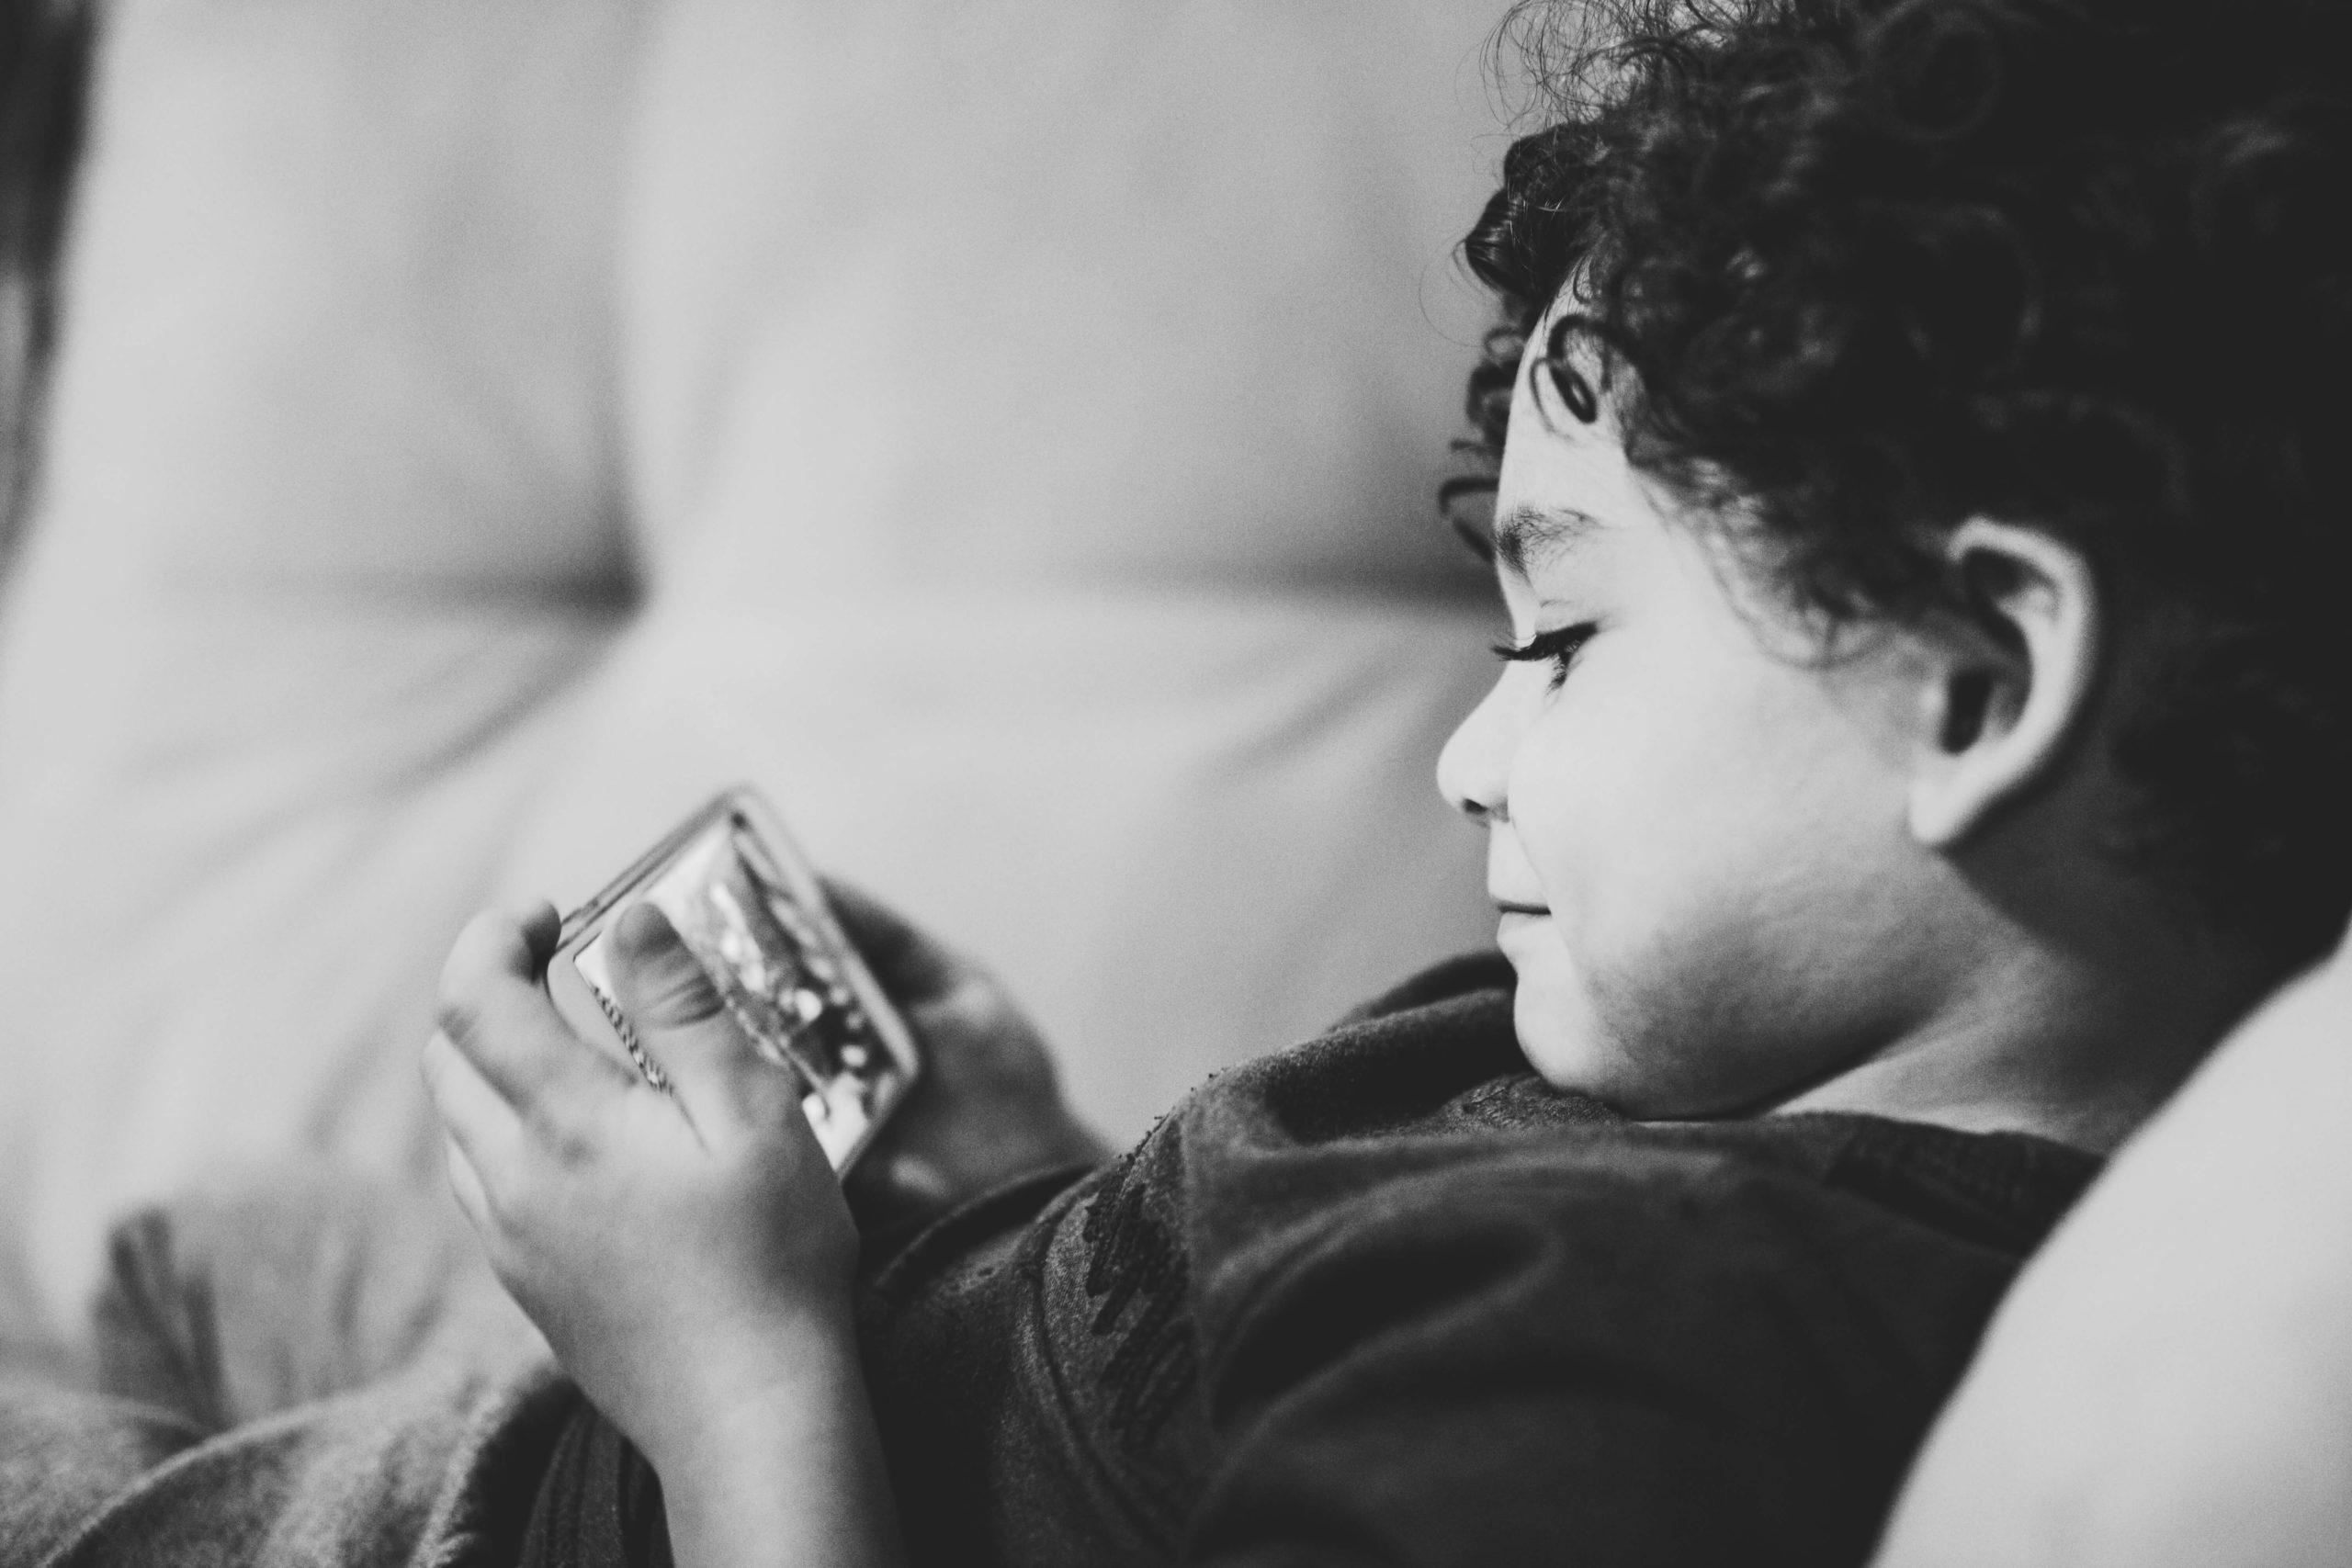 Ile czasu dzieci poświęcają na aktywności ekranowe? Jakie są zalecenia ekspertów? Dlaczego przestrzeganie limitów jest ważne? Odpowiedzi szukaj w tekście.